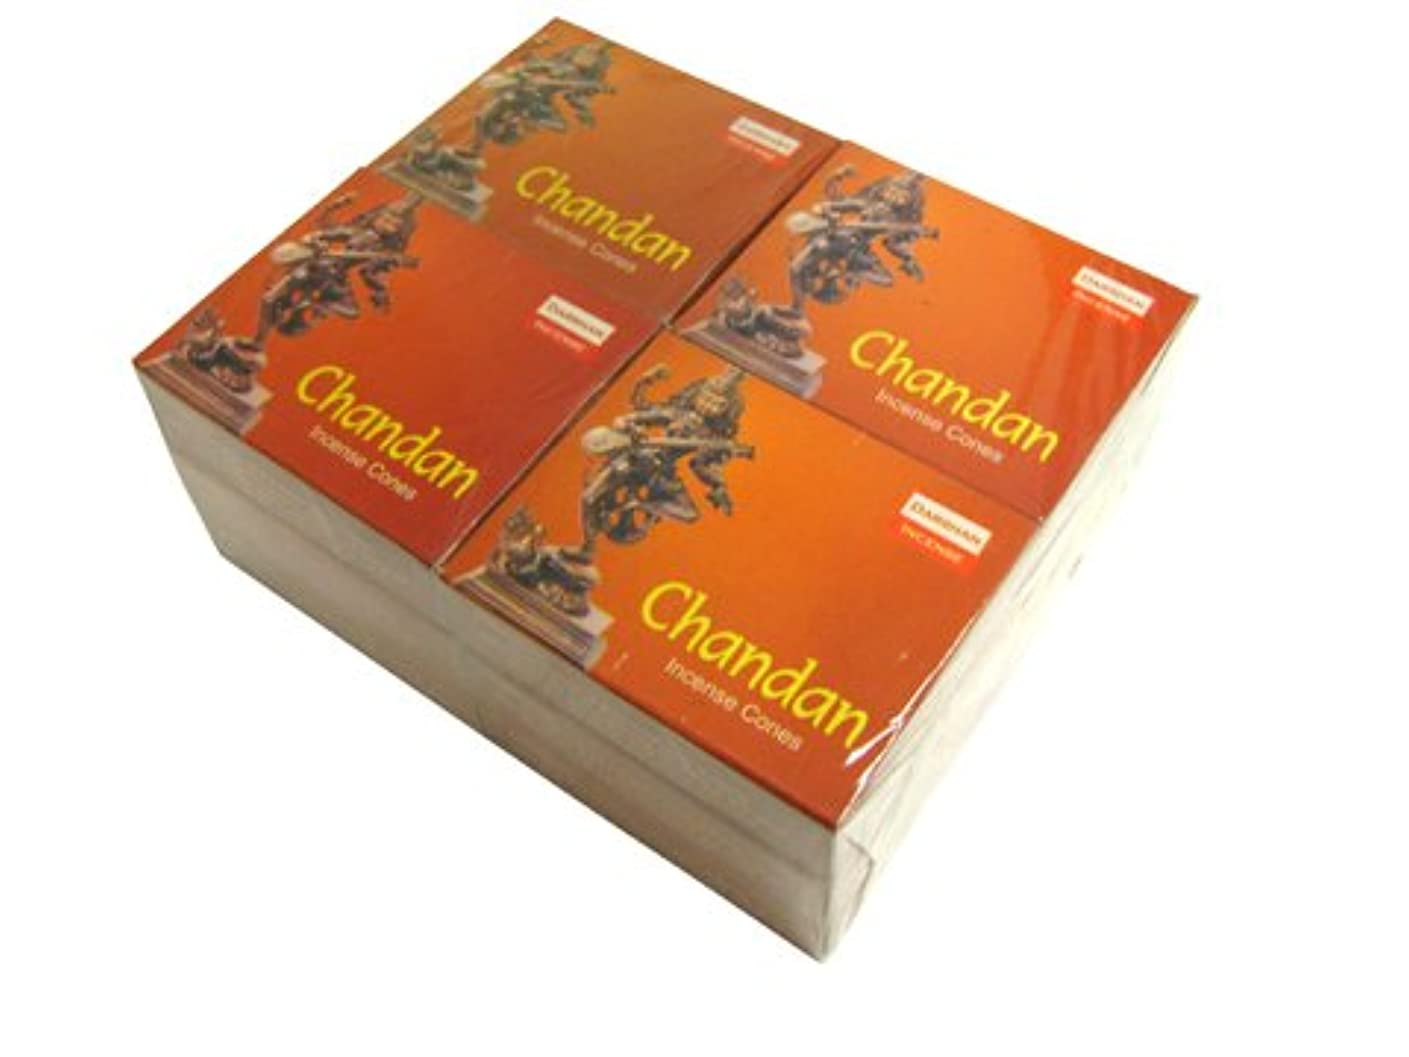 カメラわな一回DARSHAN(ダルシャン) チャンダン香 コーンタイプ CHANDAN CORN 12箱セット